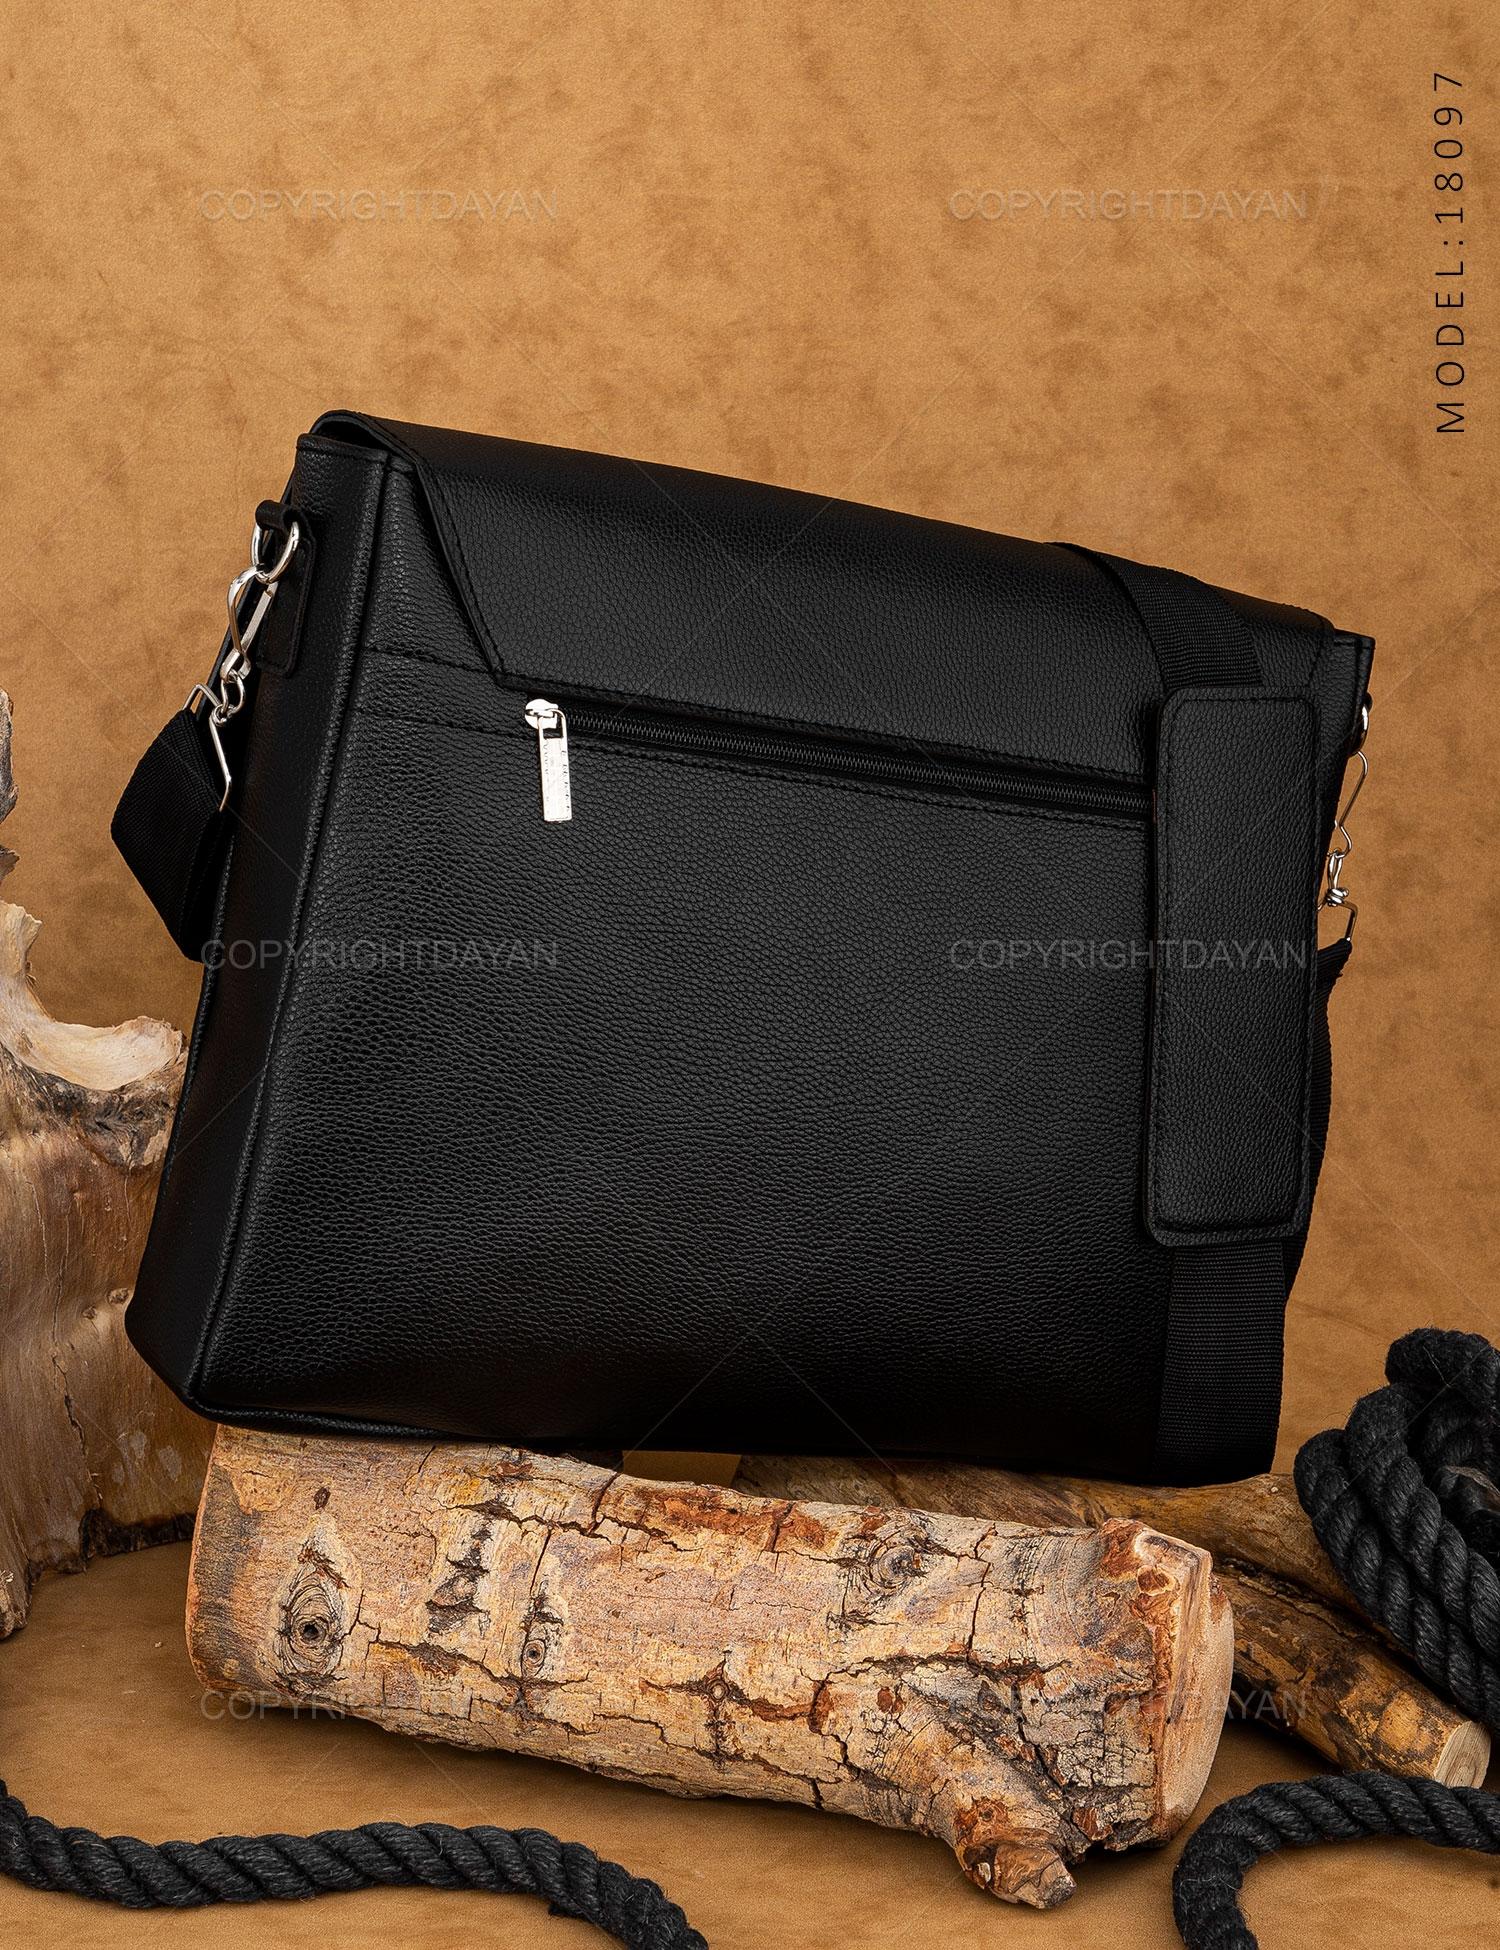 کیف اداری Gucci مدل 18097